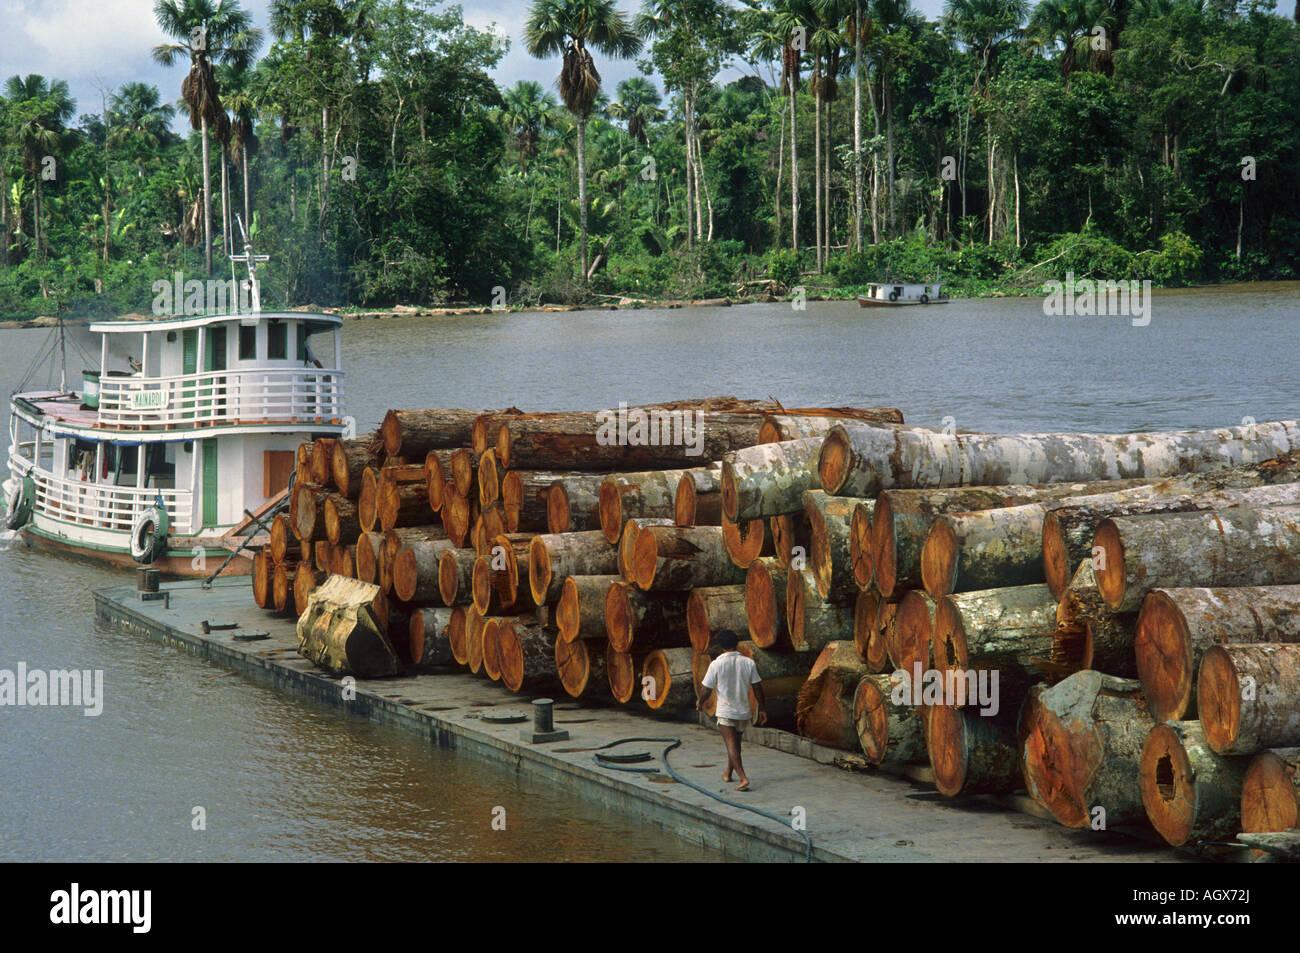 La deforestación barcaza cargada con troncos en el estuario amazónico Marajo Isla Pará Brasil Imagen De Stock